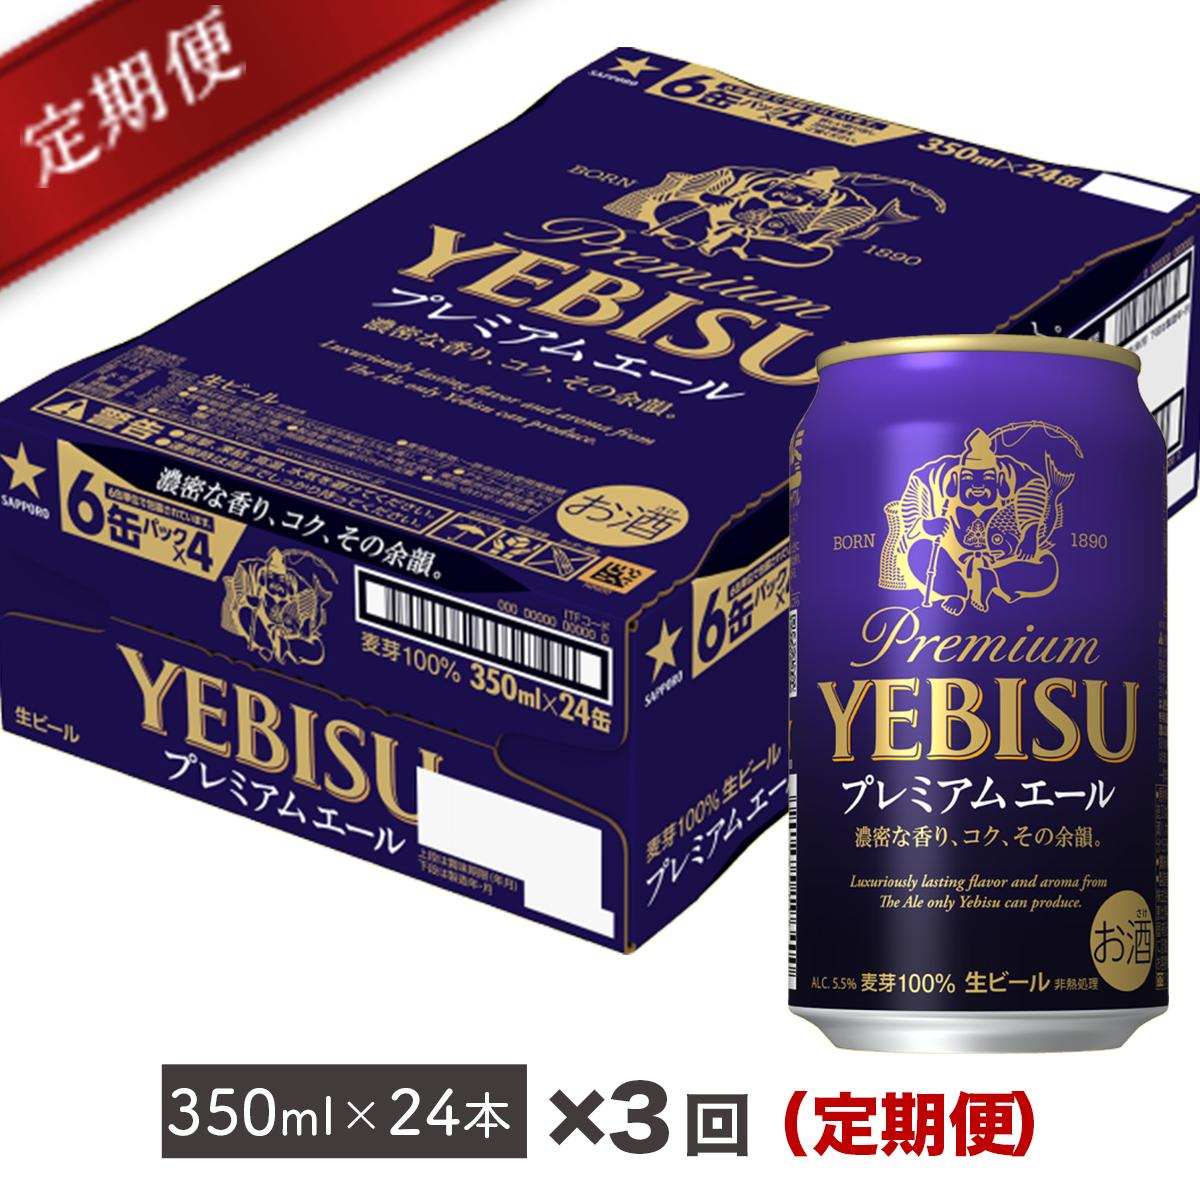 【ふるさと納税】ヱビス プレミアムエール ビール 缶350ml×24本(1ケース)を3回お届け